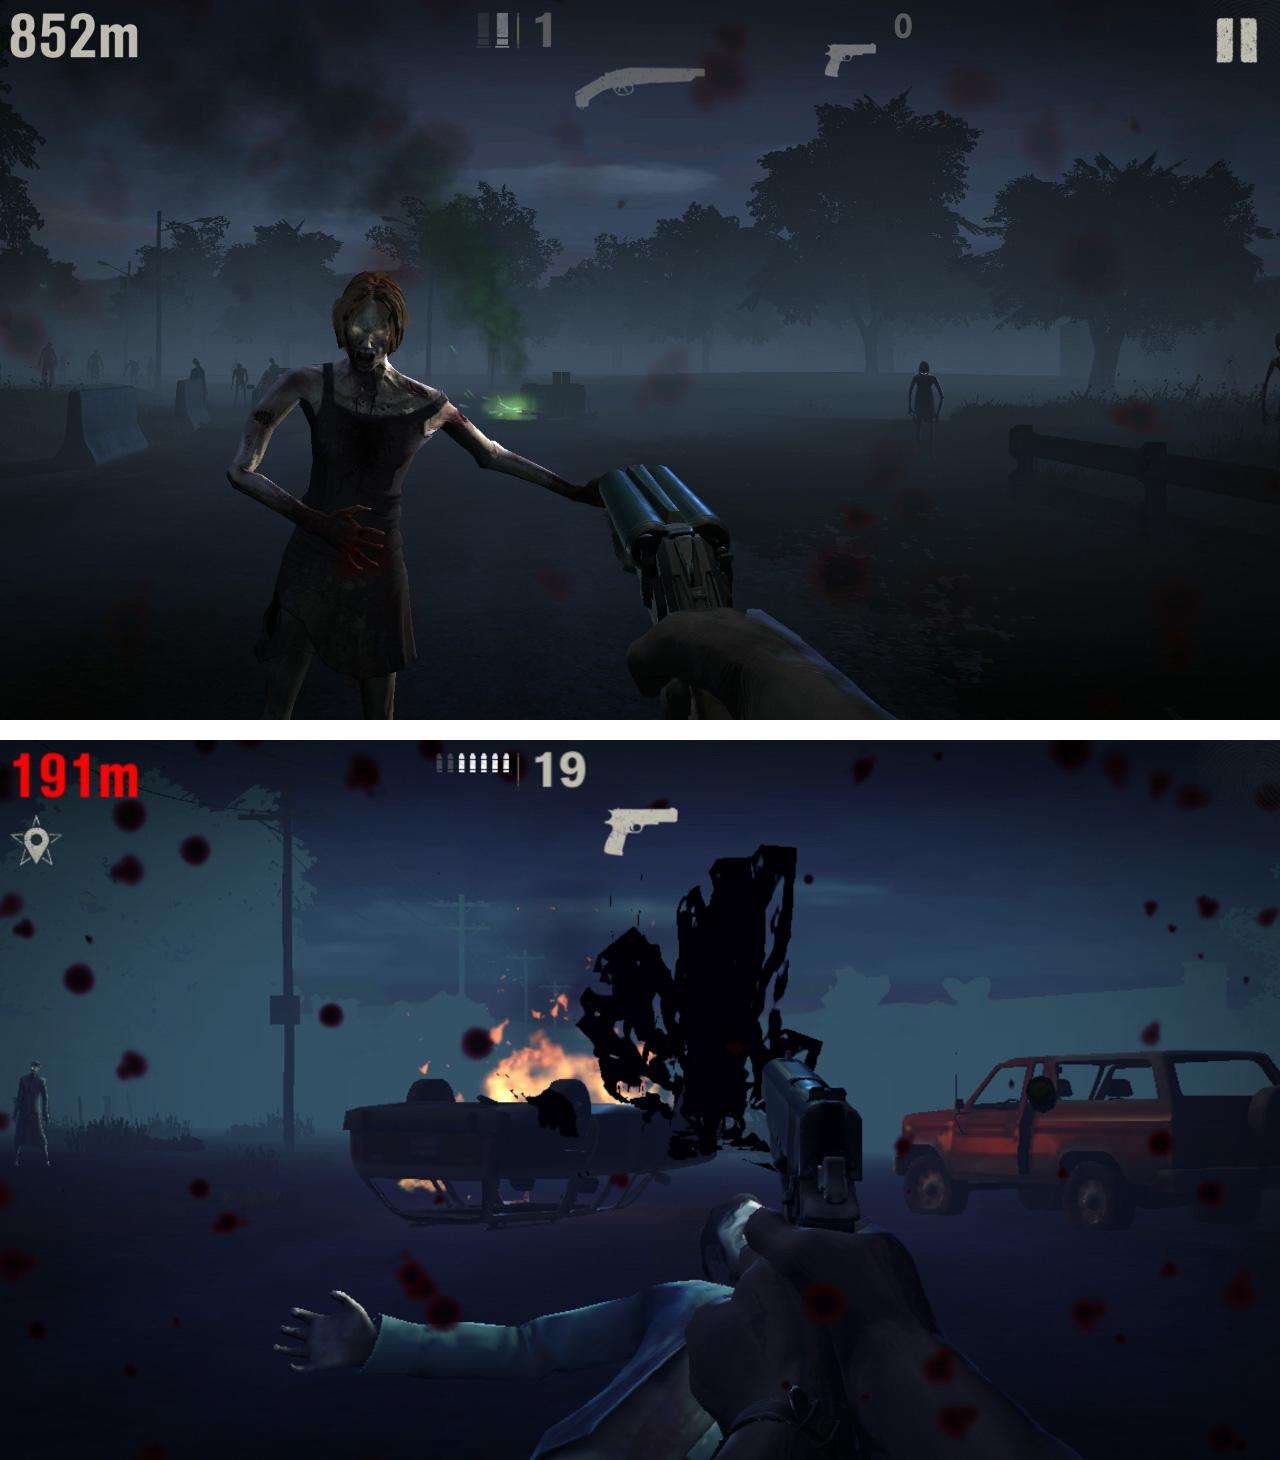 イントゥ・ザ・デッド 2 [Into the Dead 2] androidアプリスクリーンショット1